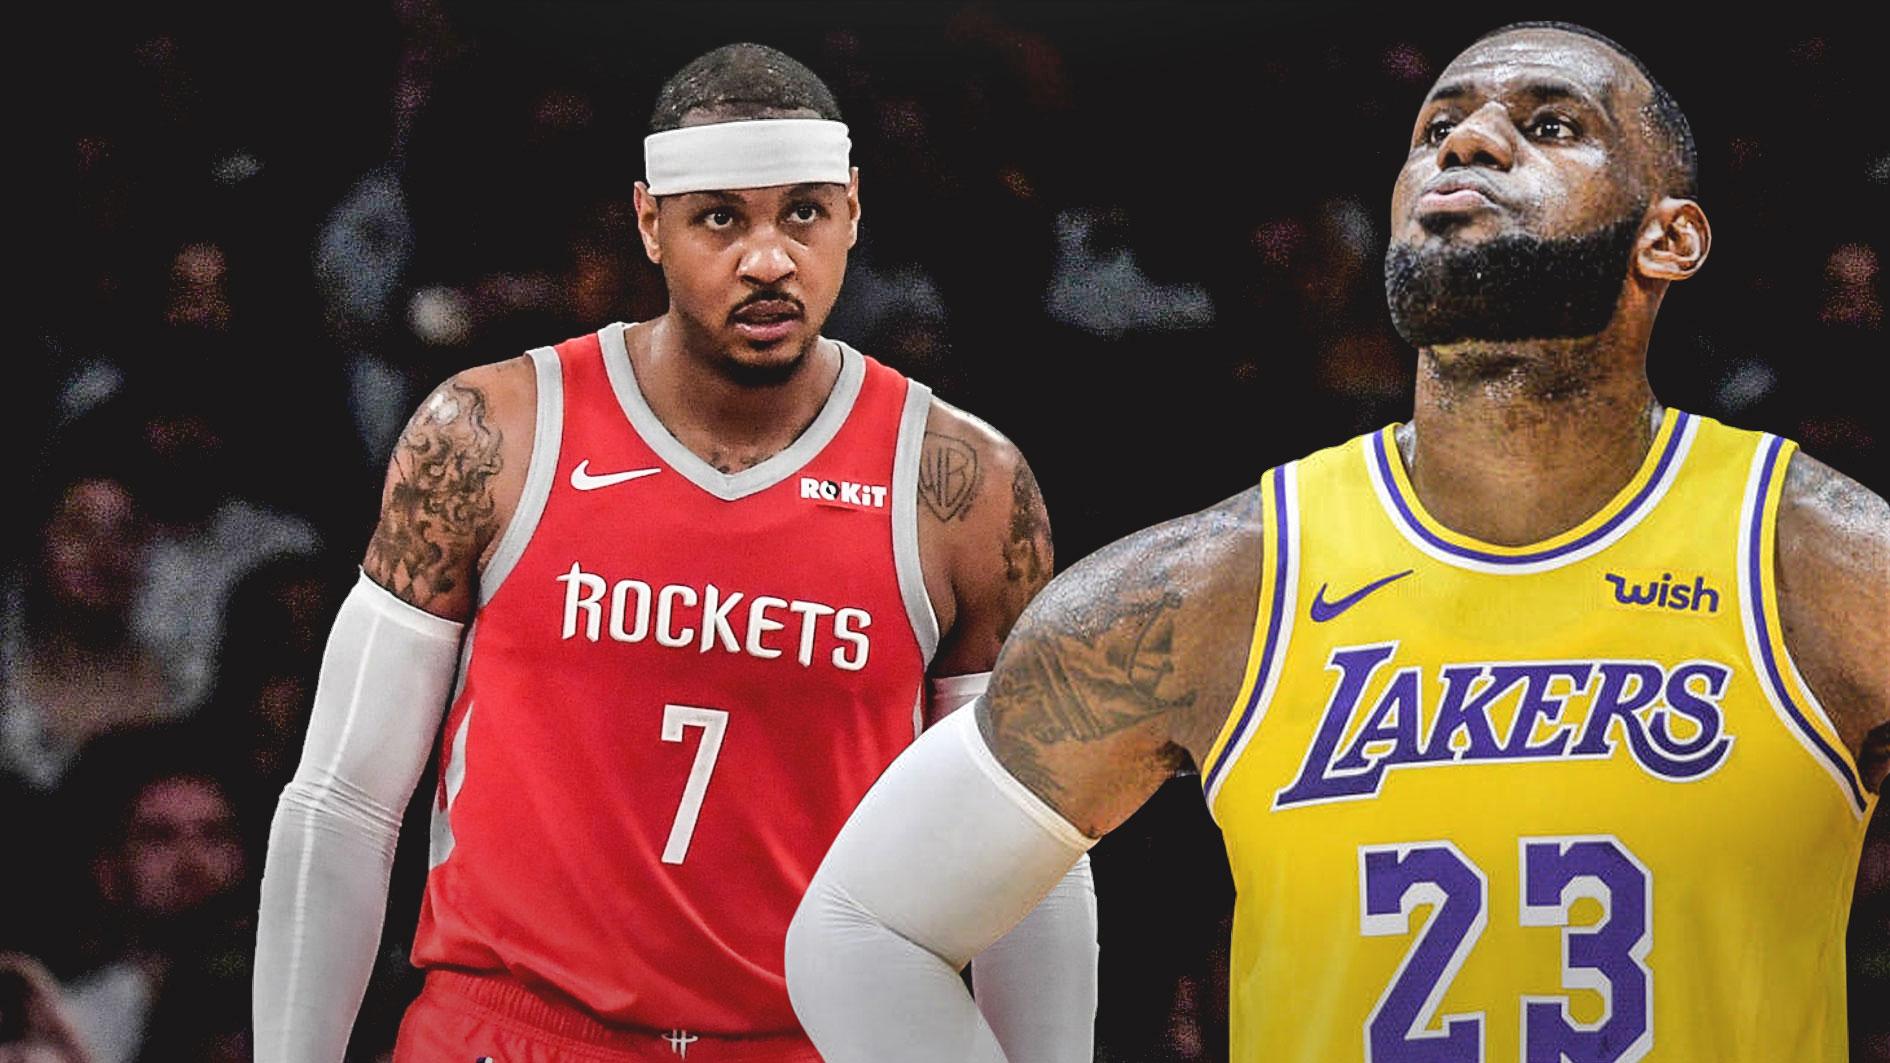 LeBron-James-backs-up-Carmelo-Anthony-amid-criticisms